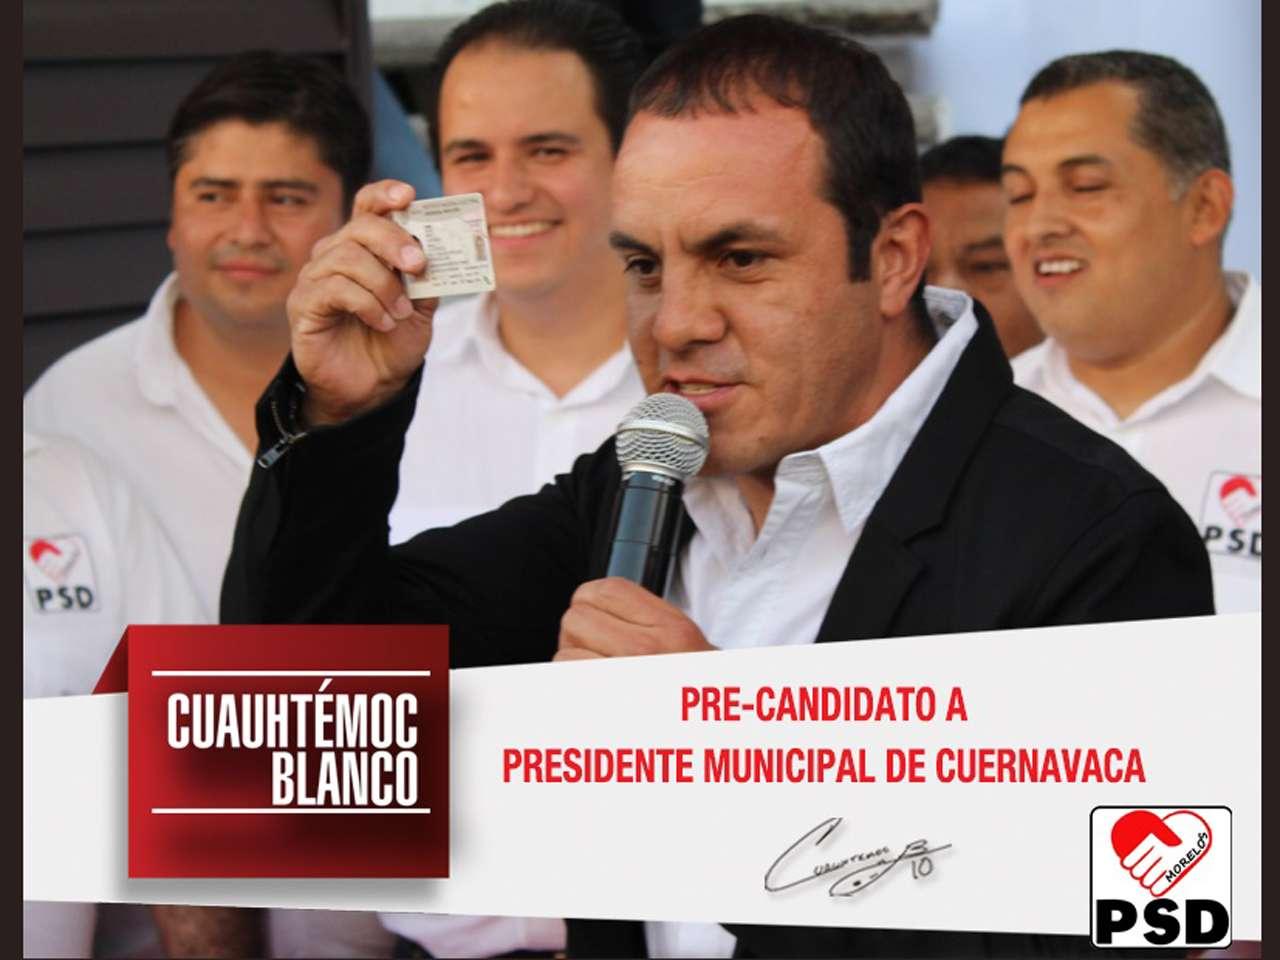 Deportistas y actores que contenderán en las elecciones 2015 Foto: @cuauhtemocb10